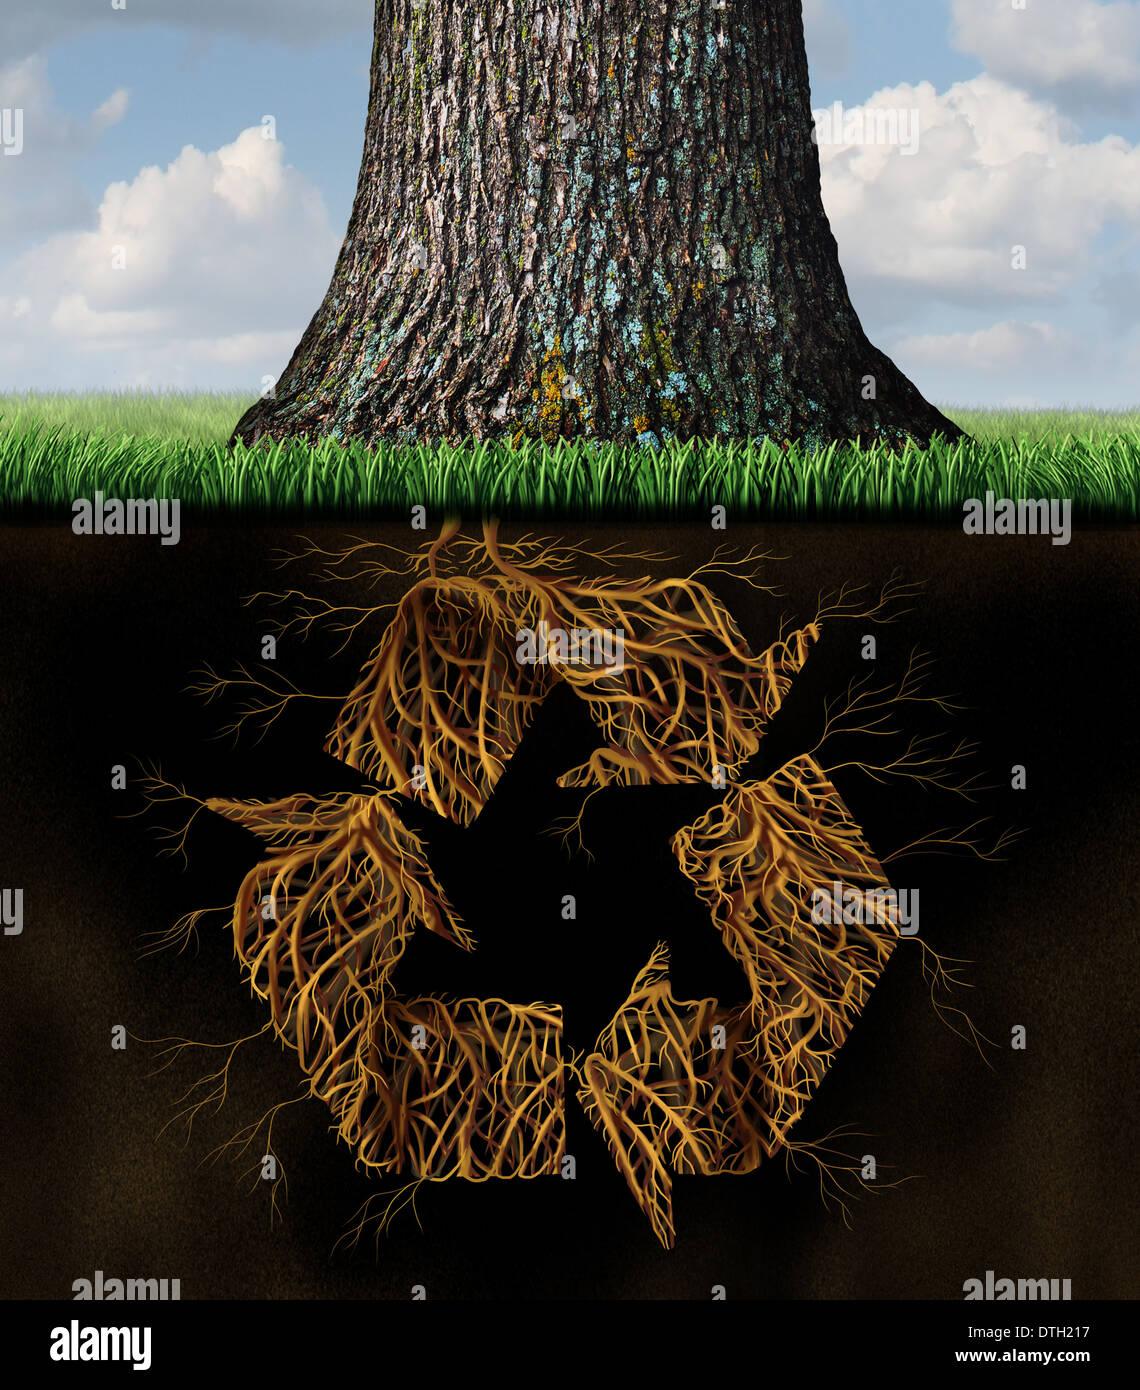 Albero Simbolo Di Riciclaggio Concetto Come Radici Sotterranee A